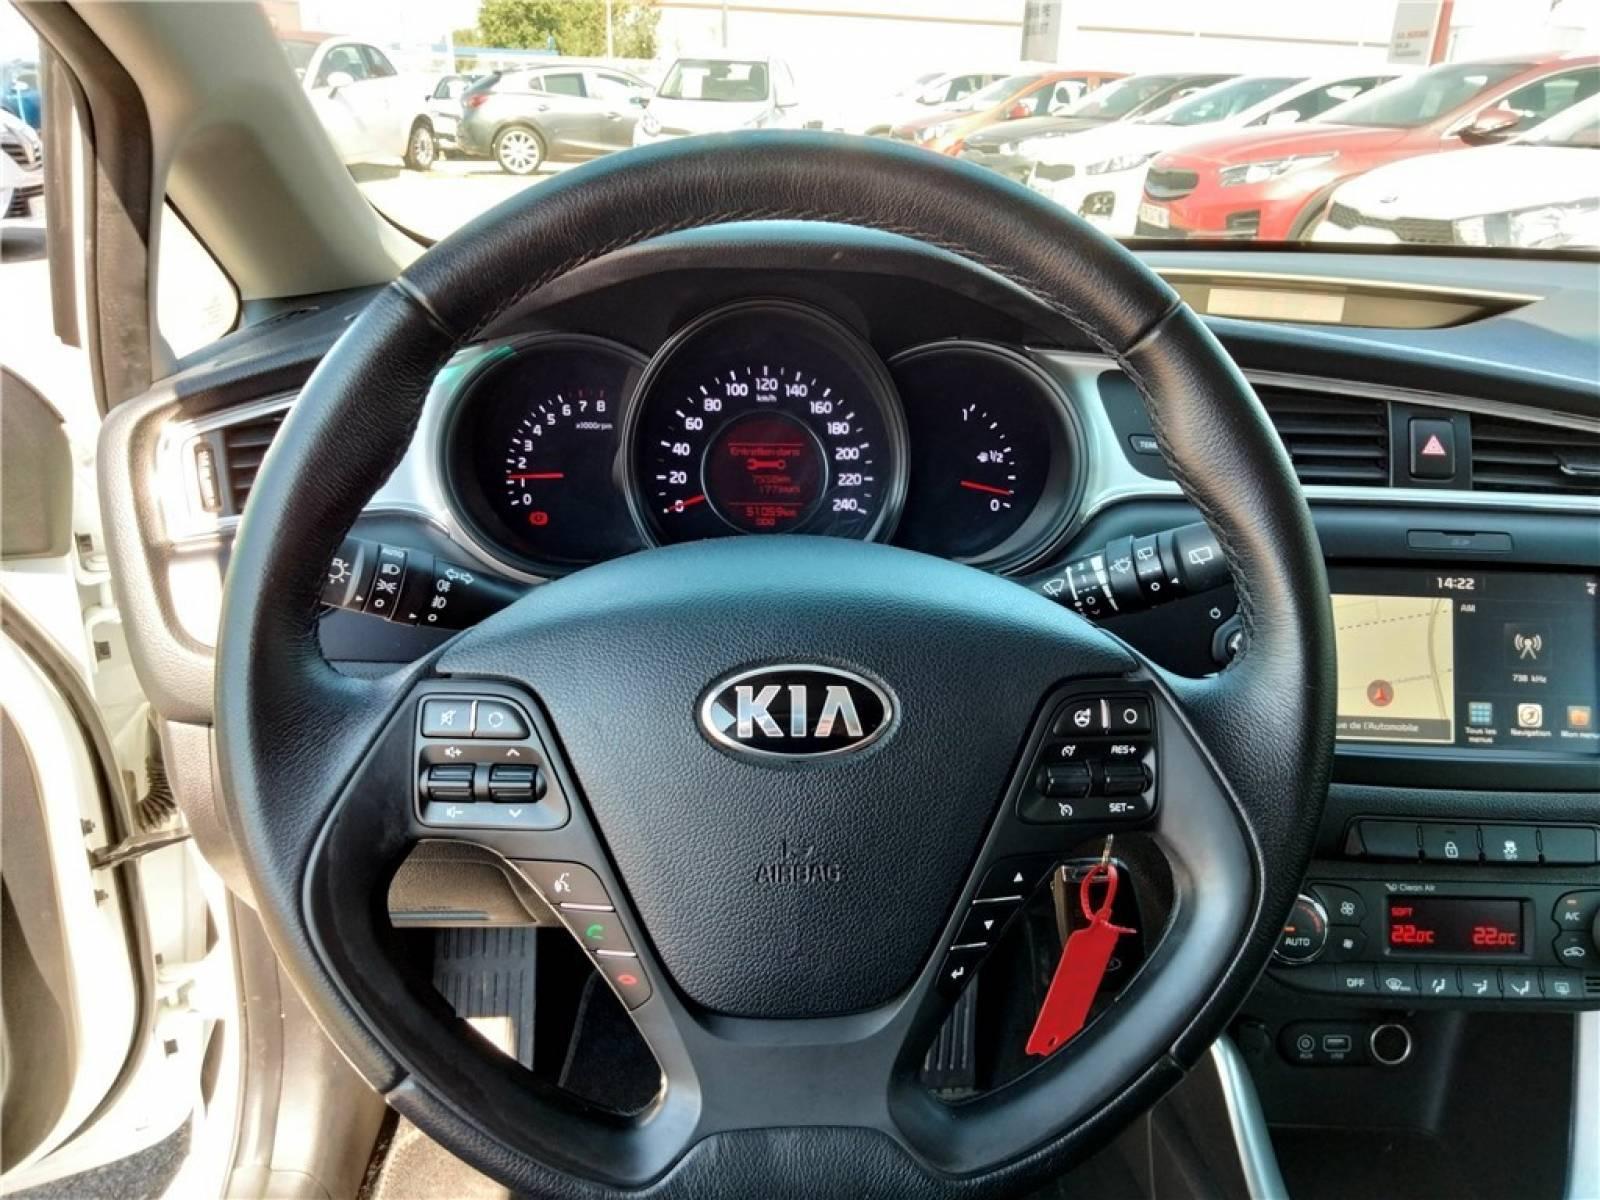 KIA Pro_Cee'd Coupé 1.0 T-GDI 120 ch ISG - véhicule d'occasion - Groupe Guillet - Hall de l'automobile - Chalon sur Saône - 71380 - Saint-Marcel - 18